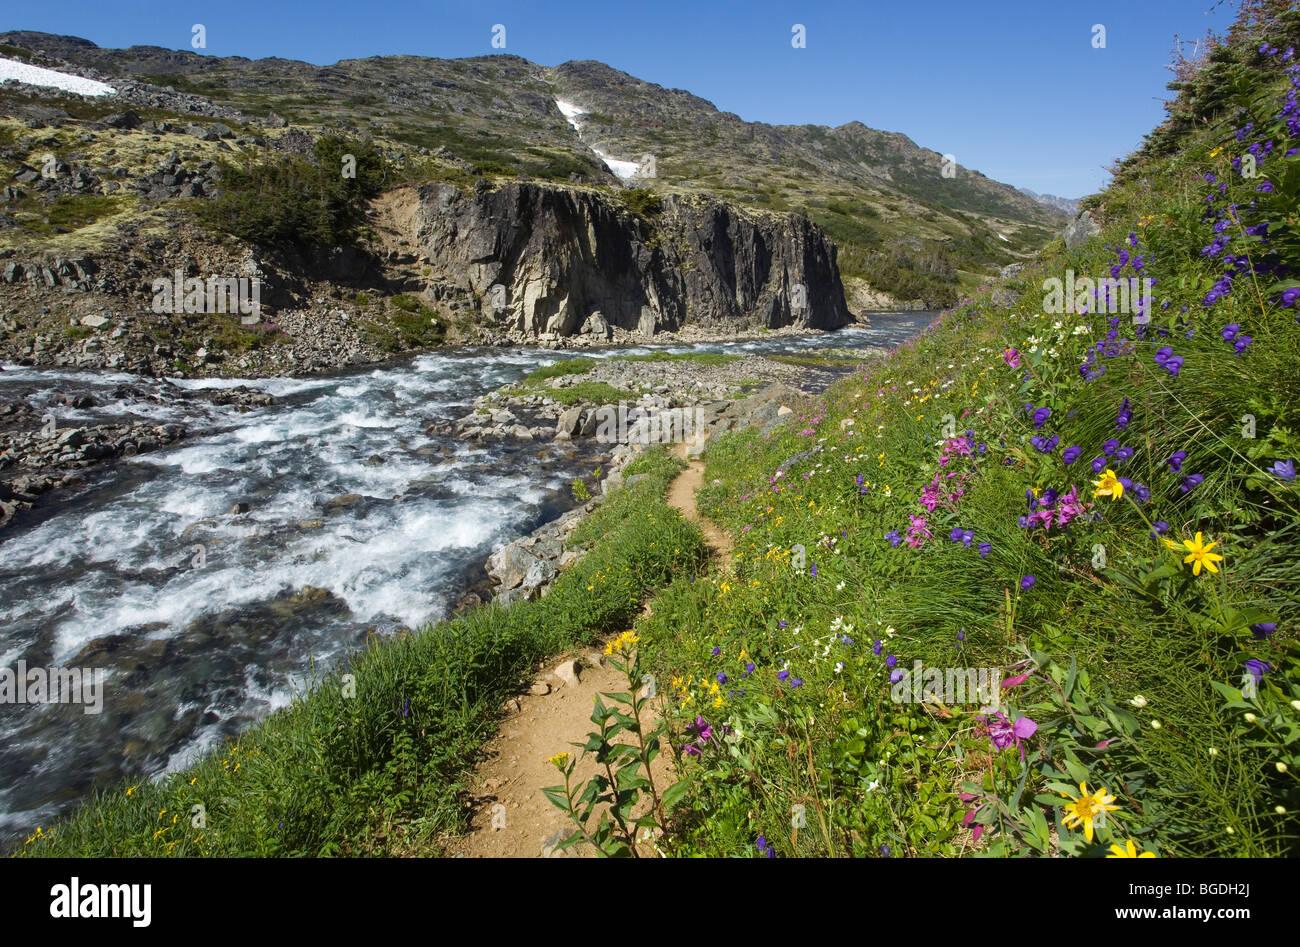 Blooming alpine flowers, historic Chilkoot Pass, Chilkoot Trail, creek behind, alpine tundra, Yukon Territory, British - Stock Image